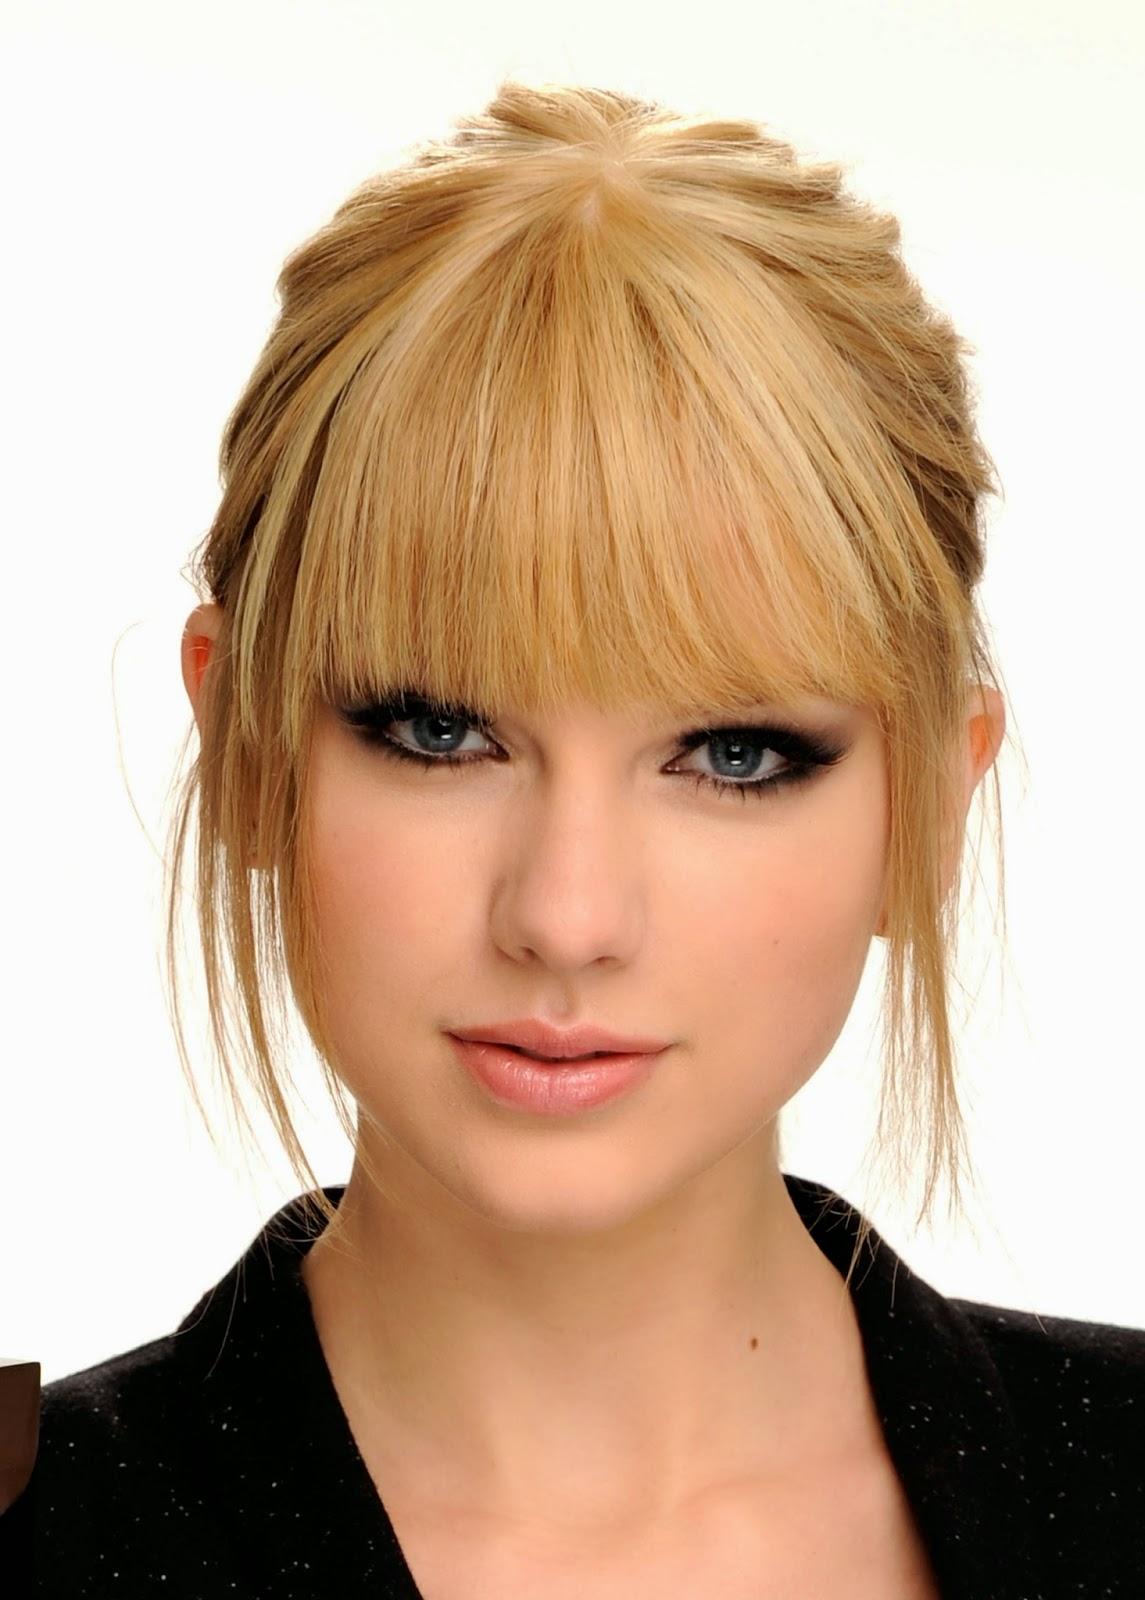 Kumpulan Lirik Lagu: Your Face Lyrics - Taylor Swift